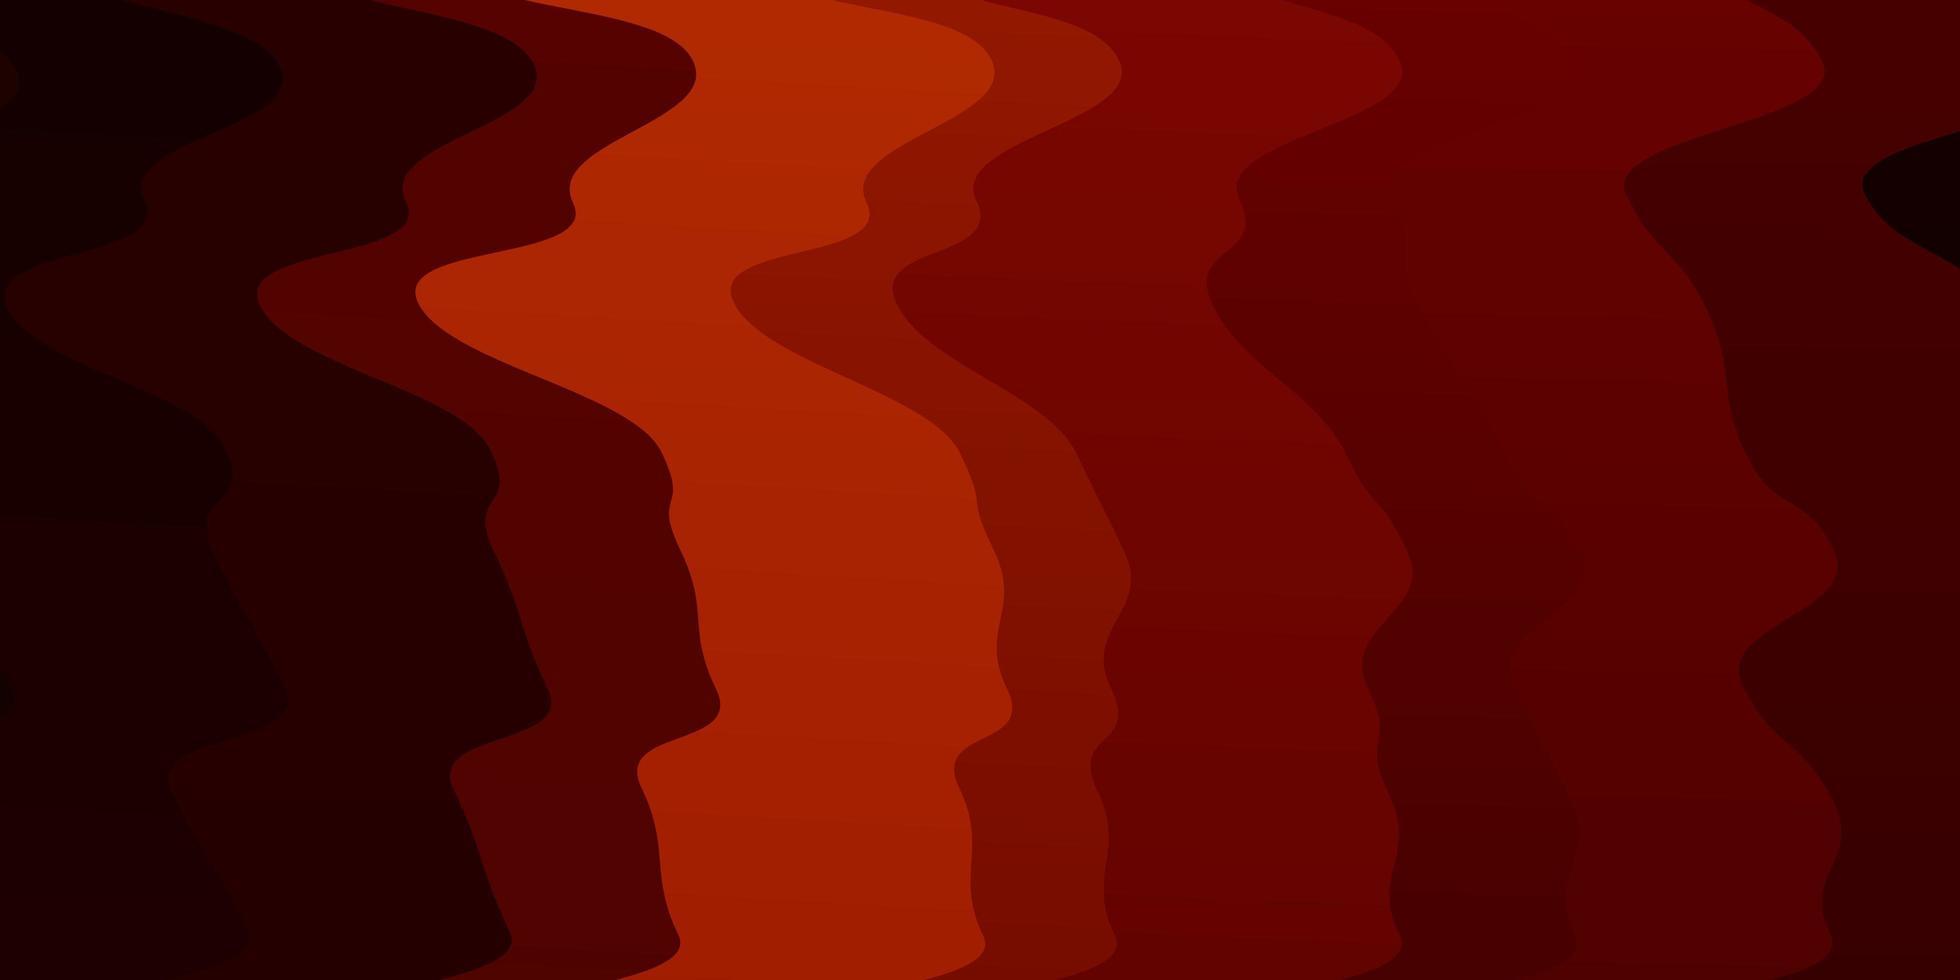 lichtrode vectorlay-out met wrange lijnen. vector